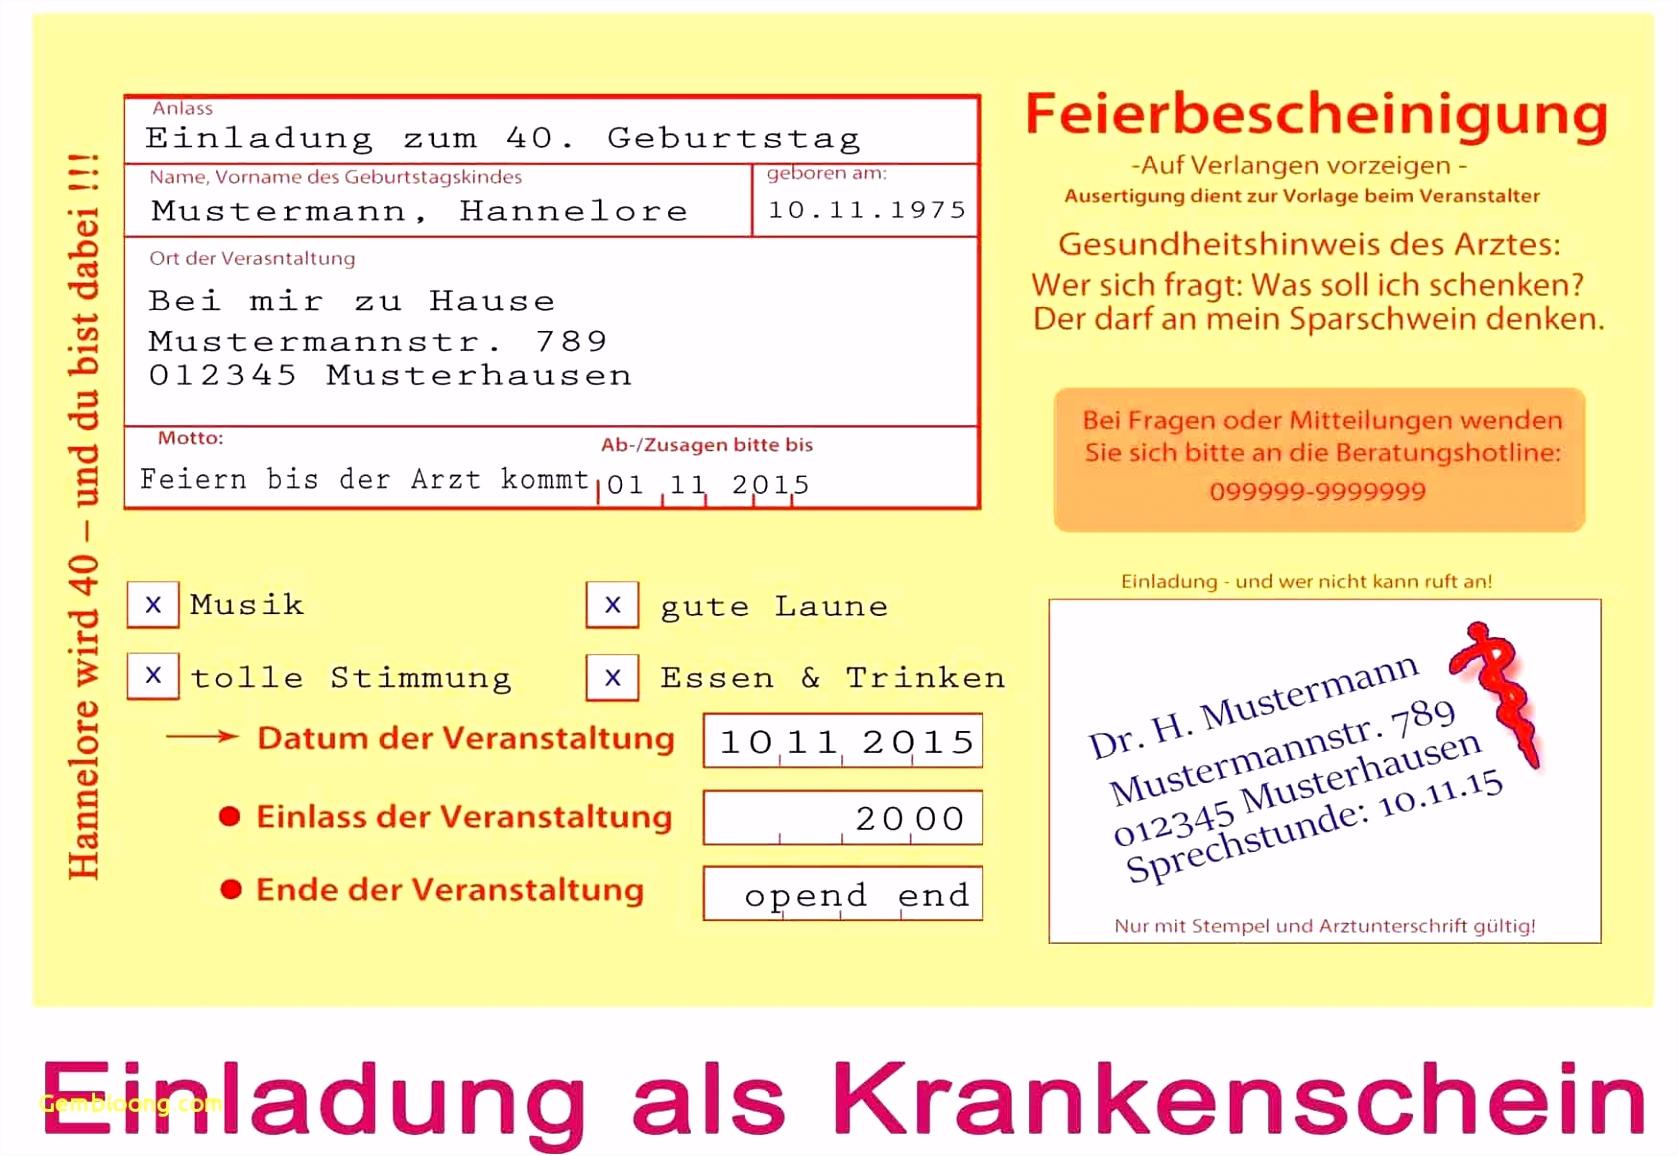 Einladung Vorlage Text Frisches Einladung Vorlage Text F7he78hsz8 asfzh4sfu6